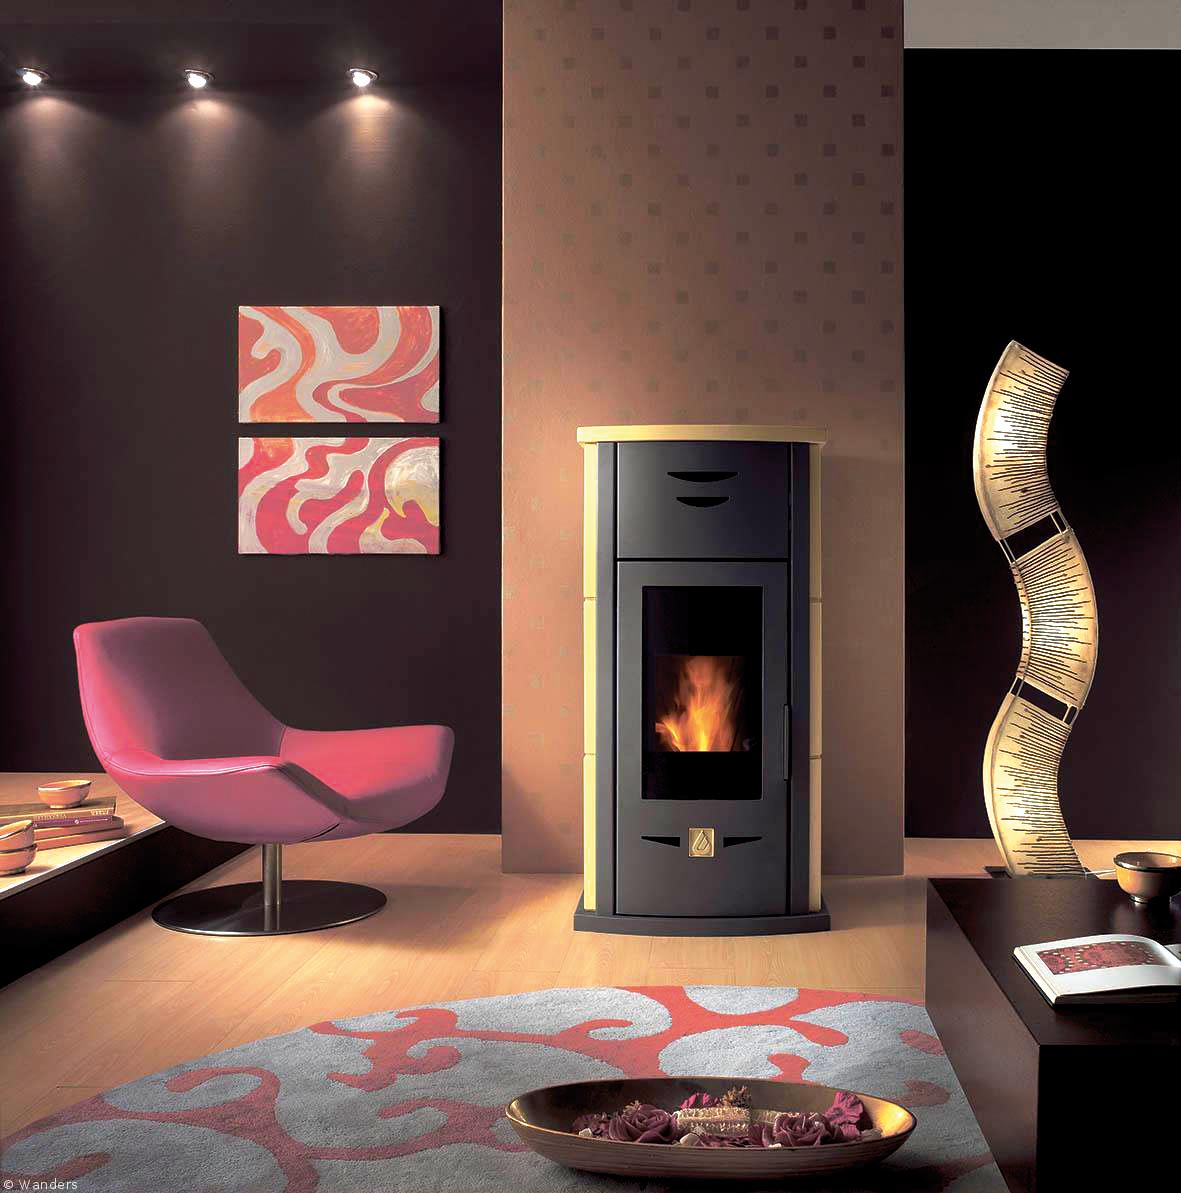 chauffage comment faire rimer cologie et conomie lorraine magazine. Black Bedroom Furniture Sets. Home Design Ideas